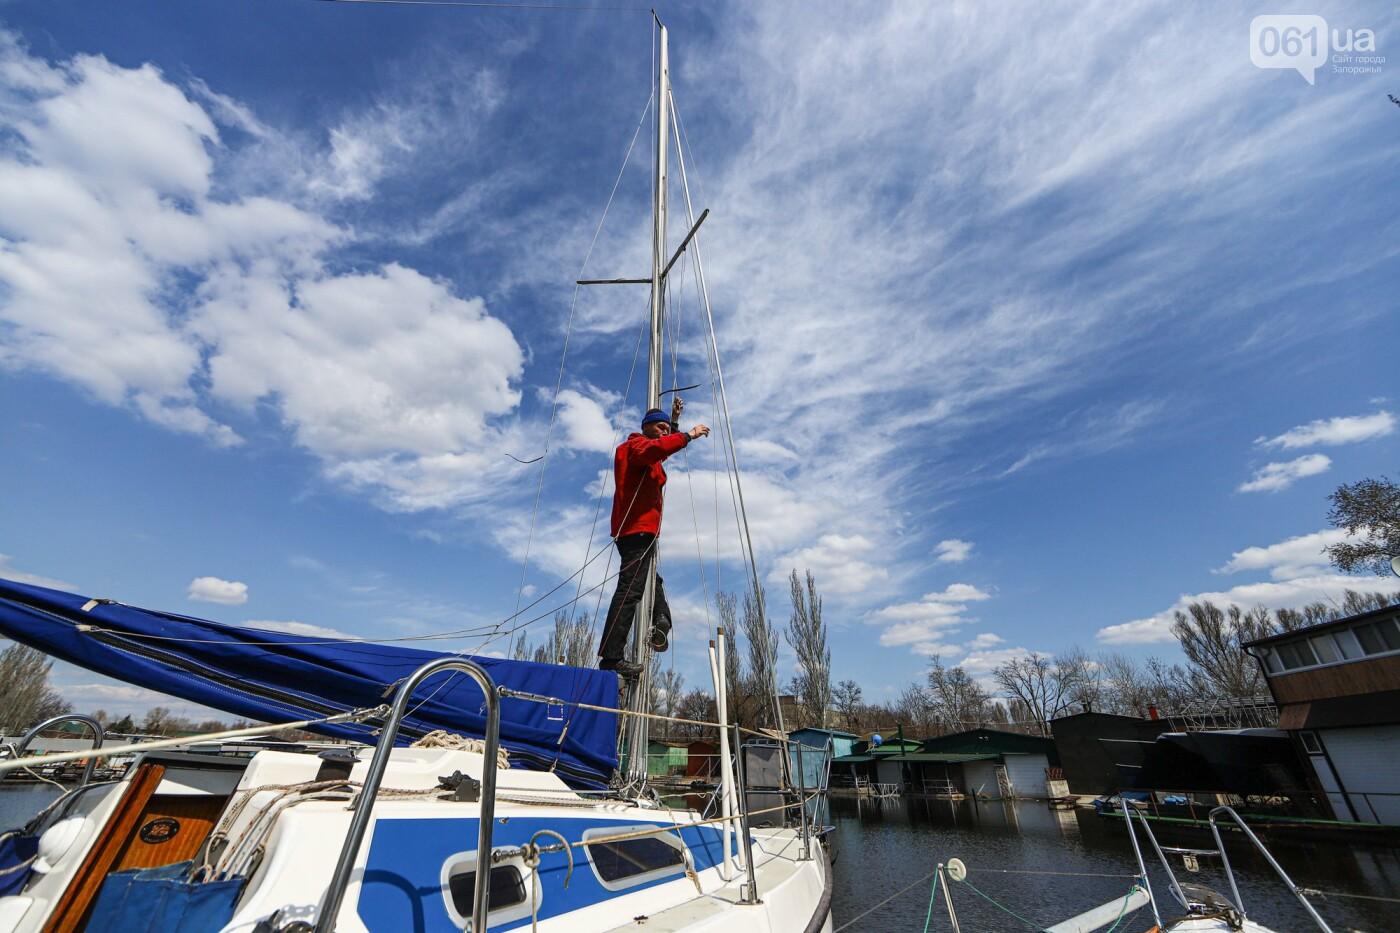 «Семь футов под килем!»: как в запорожском яхт-клубе спускали судна на воду, - ФОТОРЕПОРТАЖ , фото-56